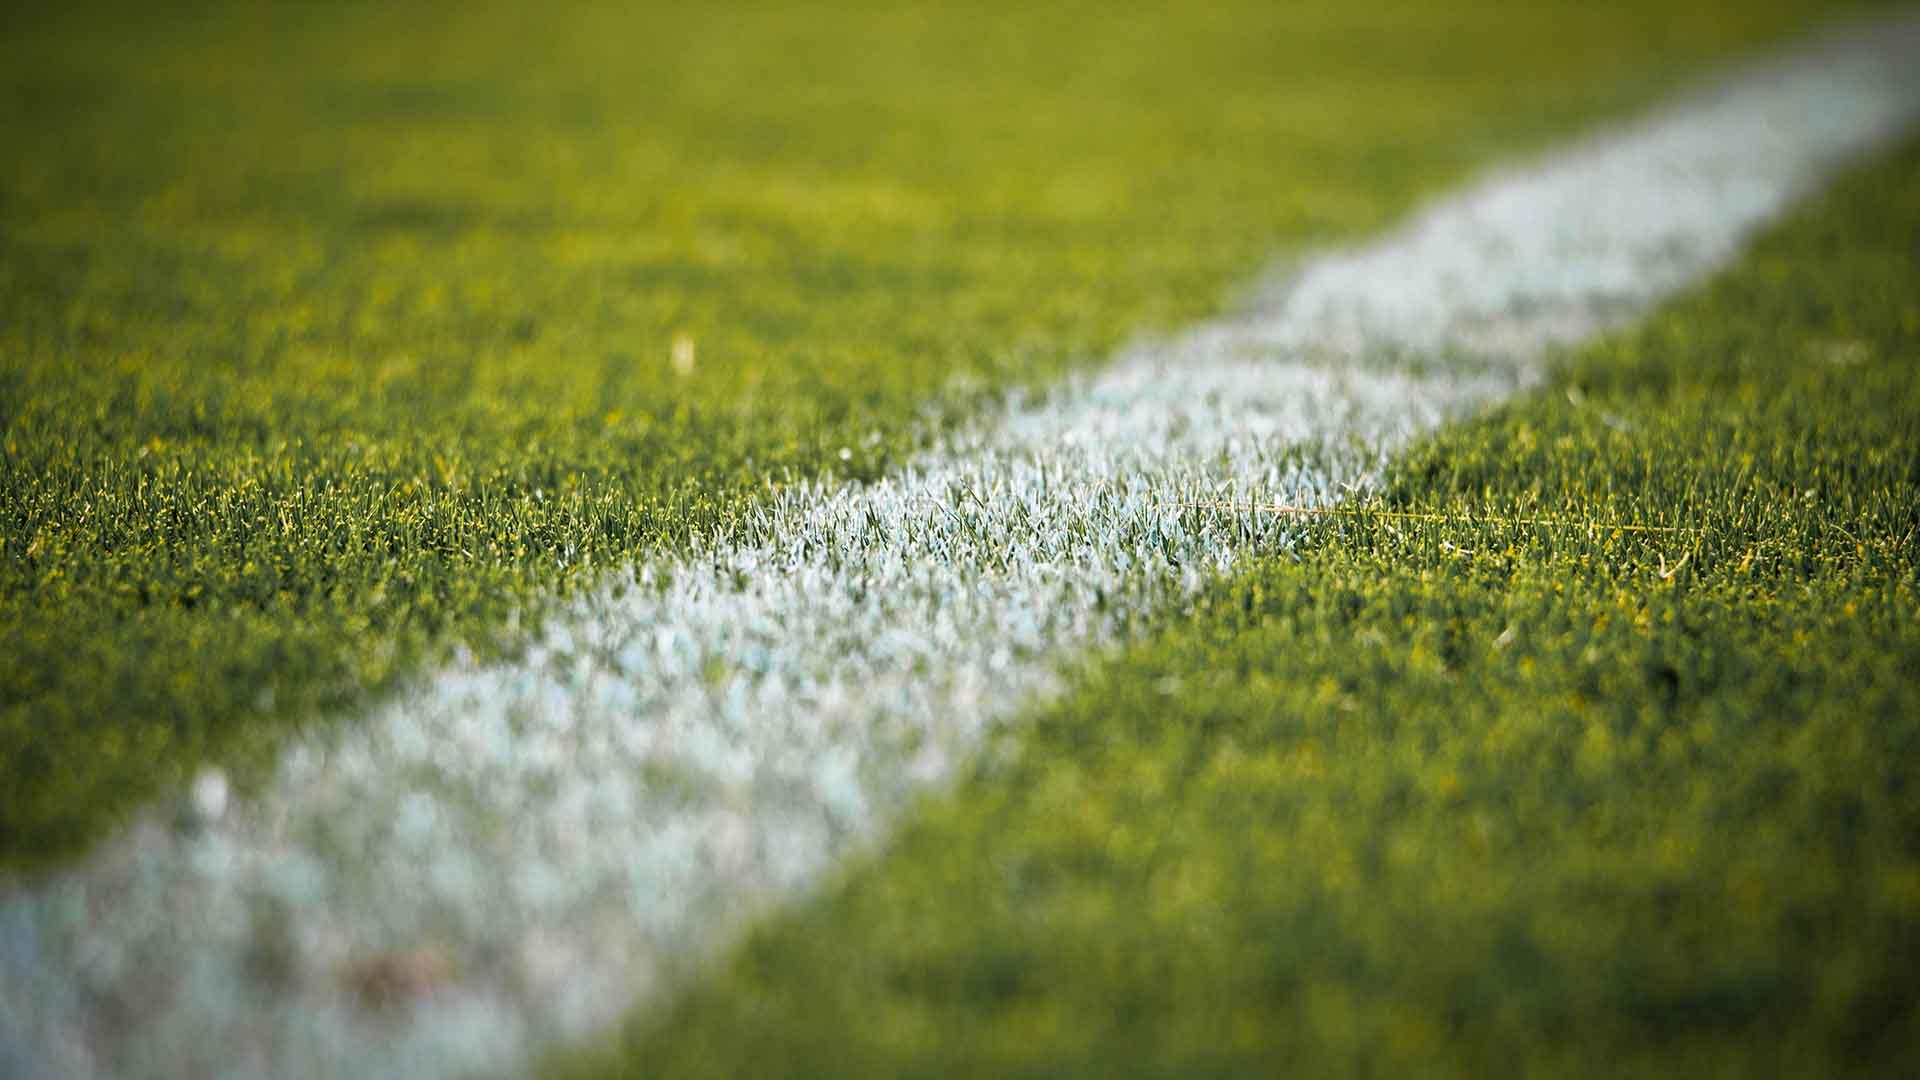 Stadionrasen Torline weiß Nahaufnahme